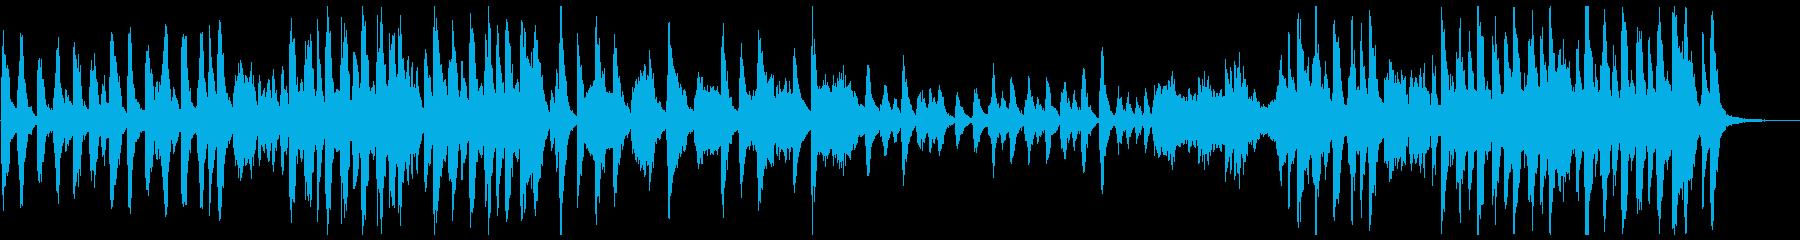 ブラックコミカル調のオーケストラ曲の再生済みの波形